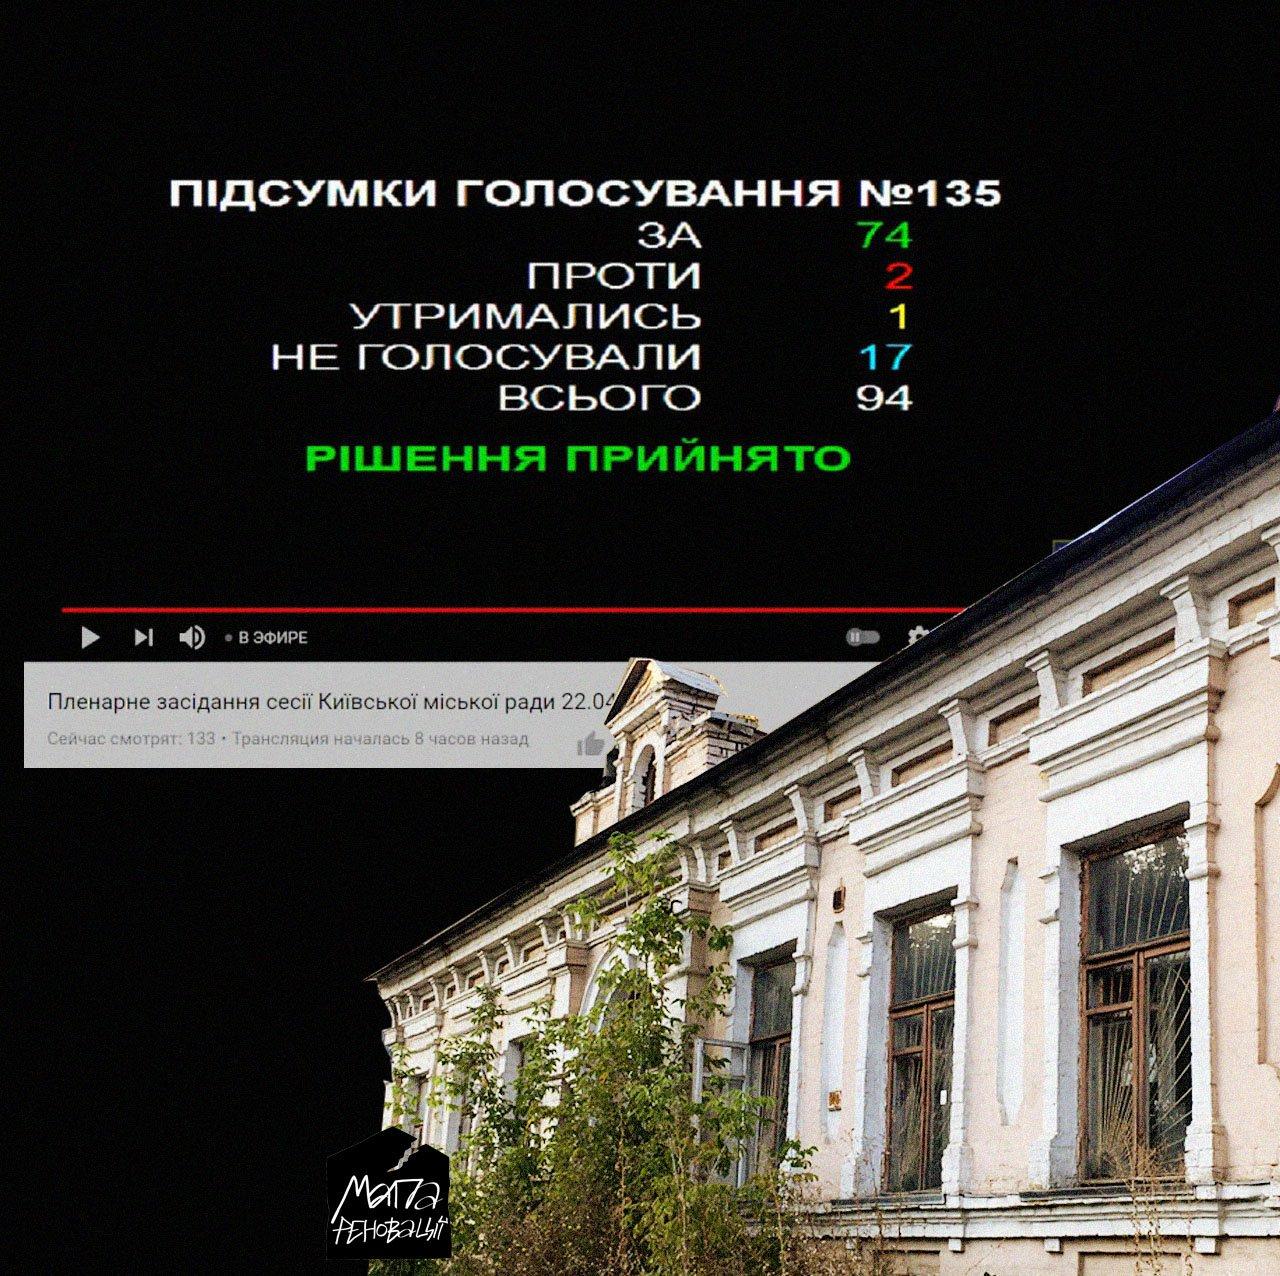 Взялись за Лукьяновку: в Киеве собираются сносить очередной исторический особняк, Фото: Карта Реновации